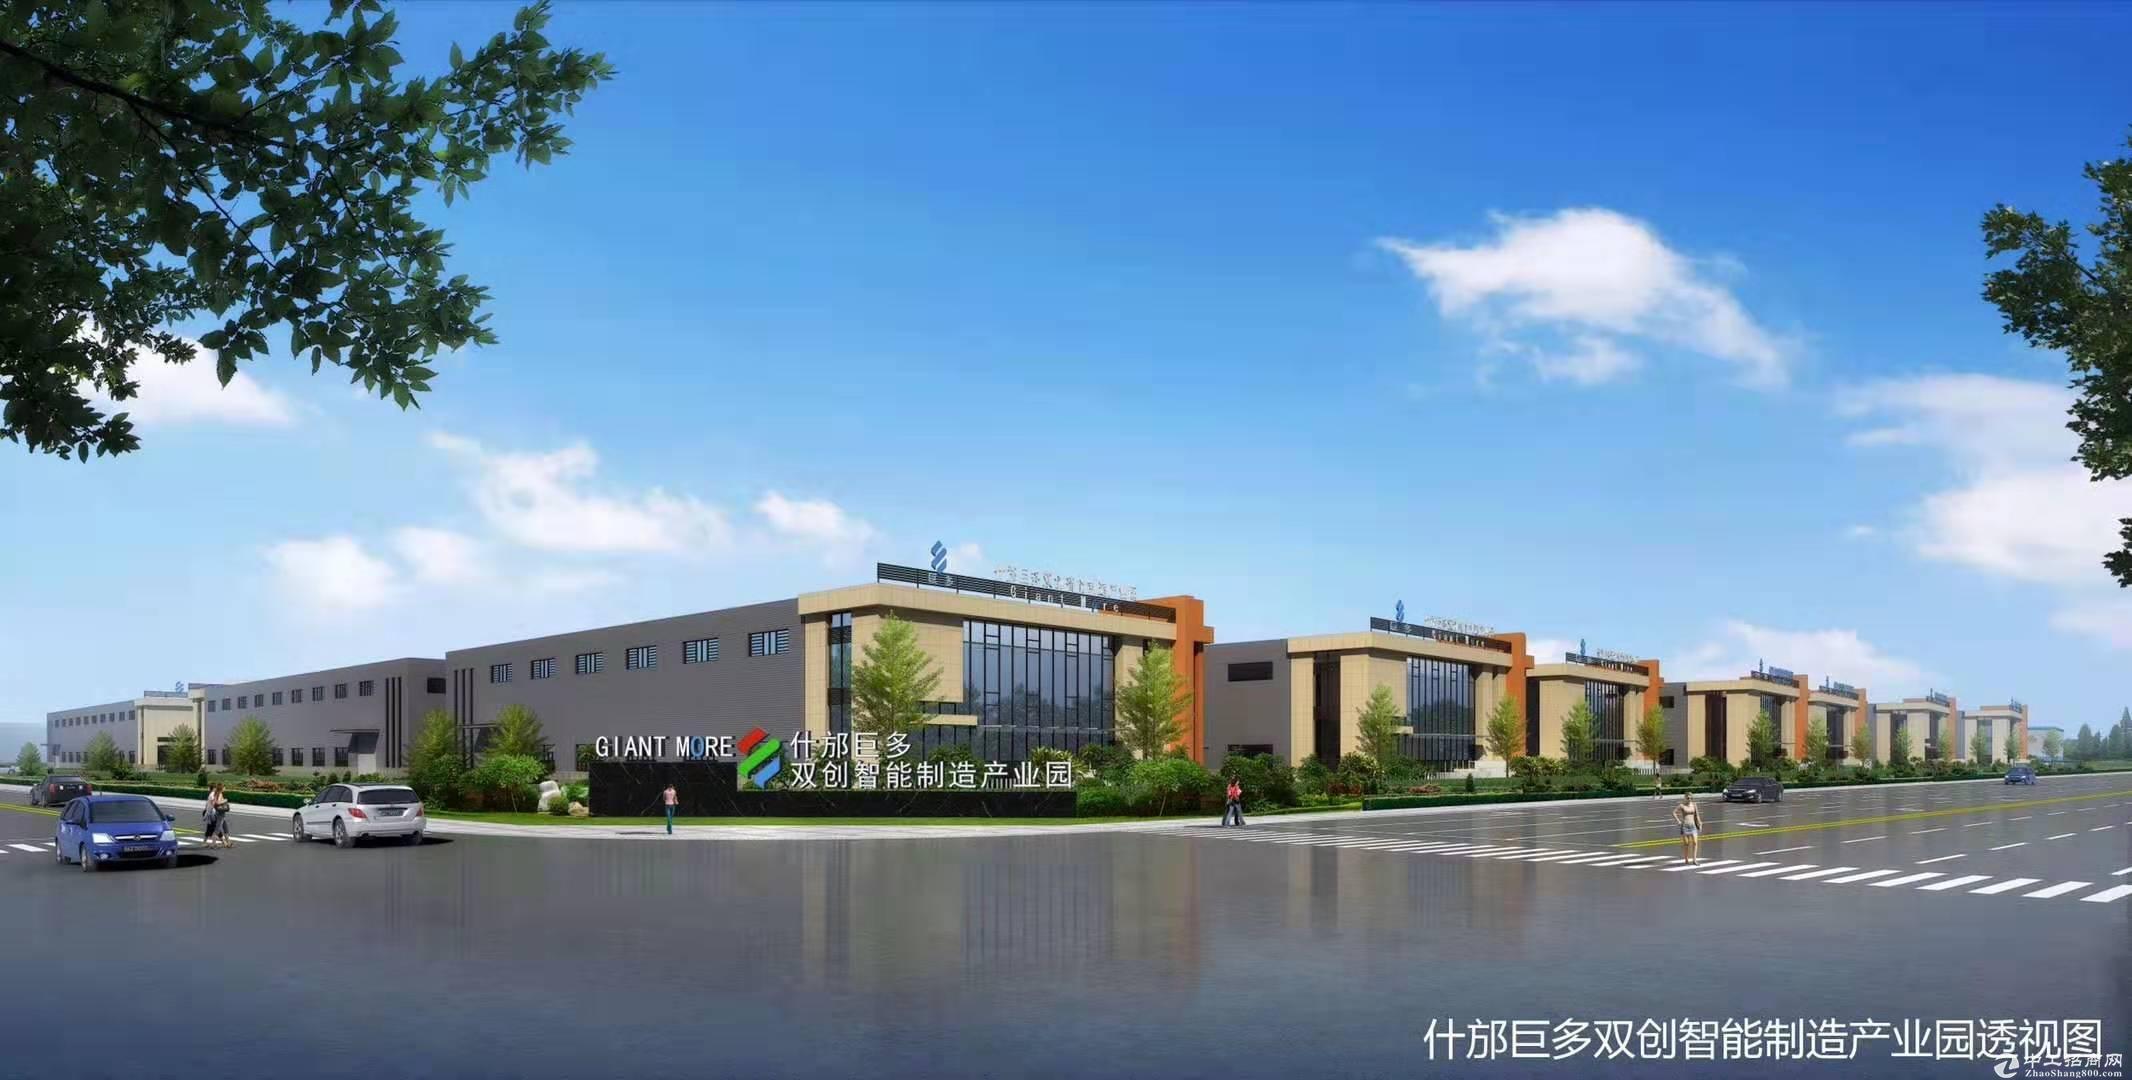 (出售) 德阳什邡50年产权, 单层钢结构厂房,可定制,带行